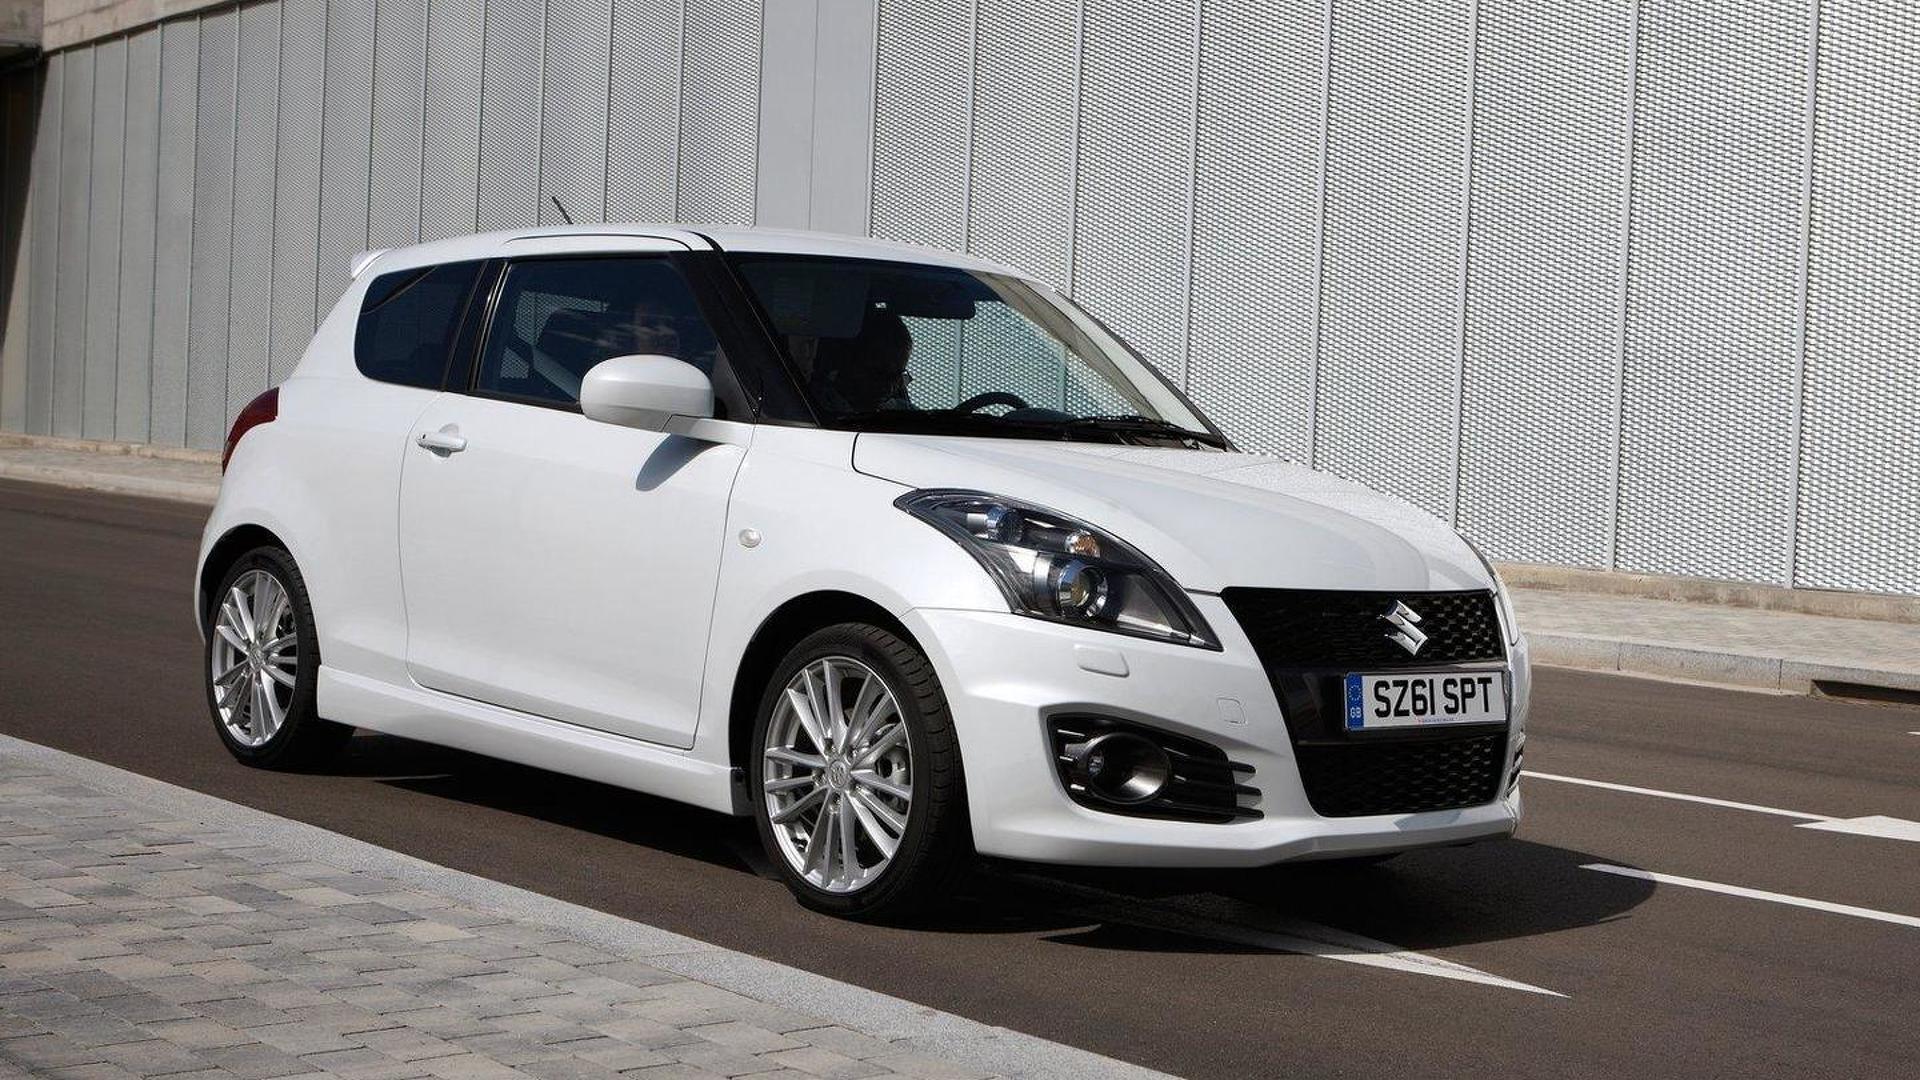 Suzuki Swift Sport priced at £13,500